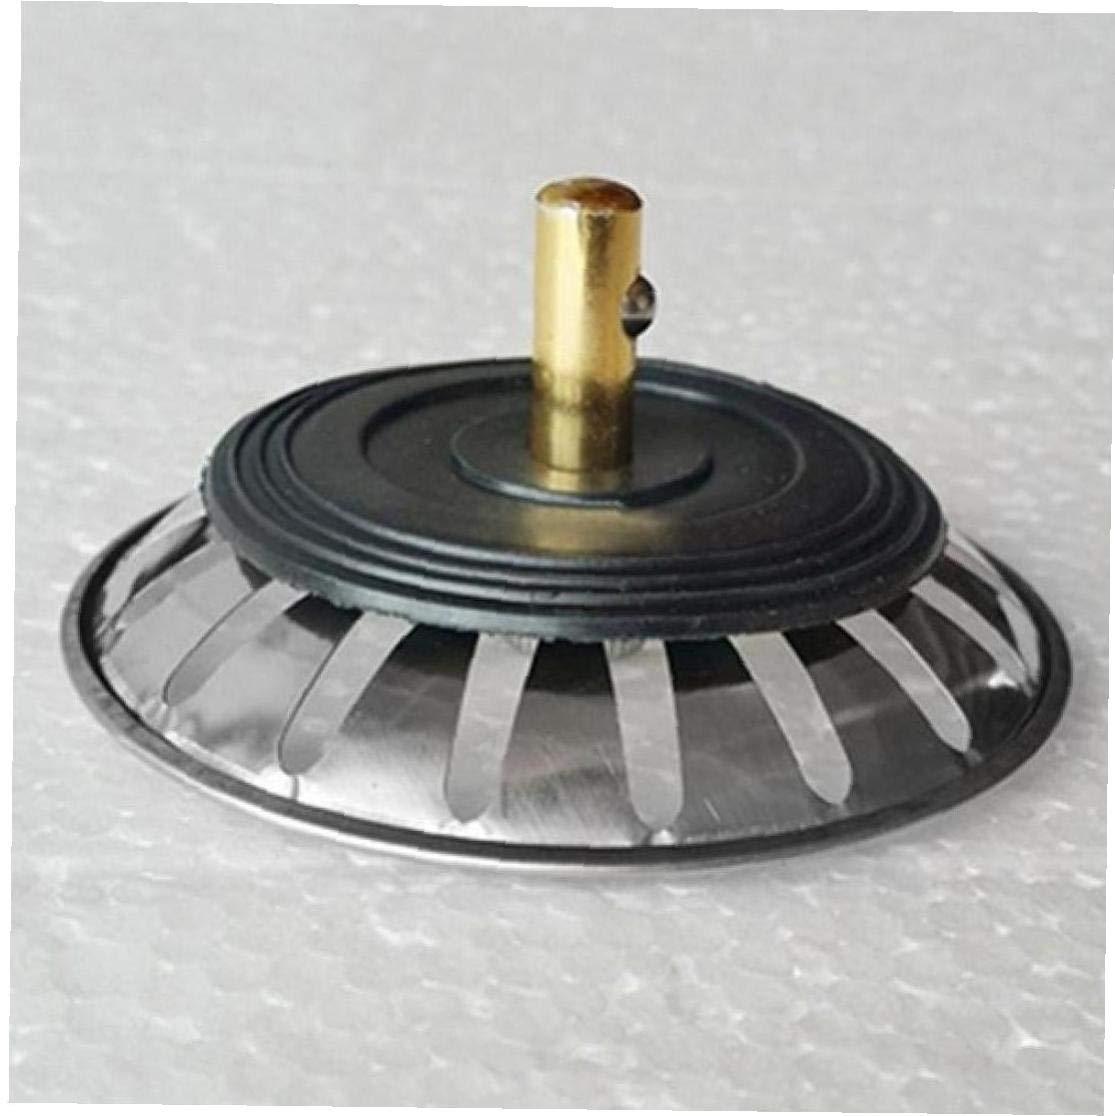 Angoter Acero Inoxidable Nuevo Fregadero de Cocina colador tap/ón tap/ón de la Pila de residuos Filtro Filtre Lavabo Ba/ño Receptor de Pelo Accesorios de Cocina